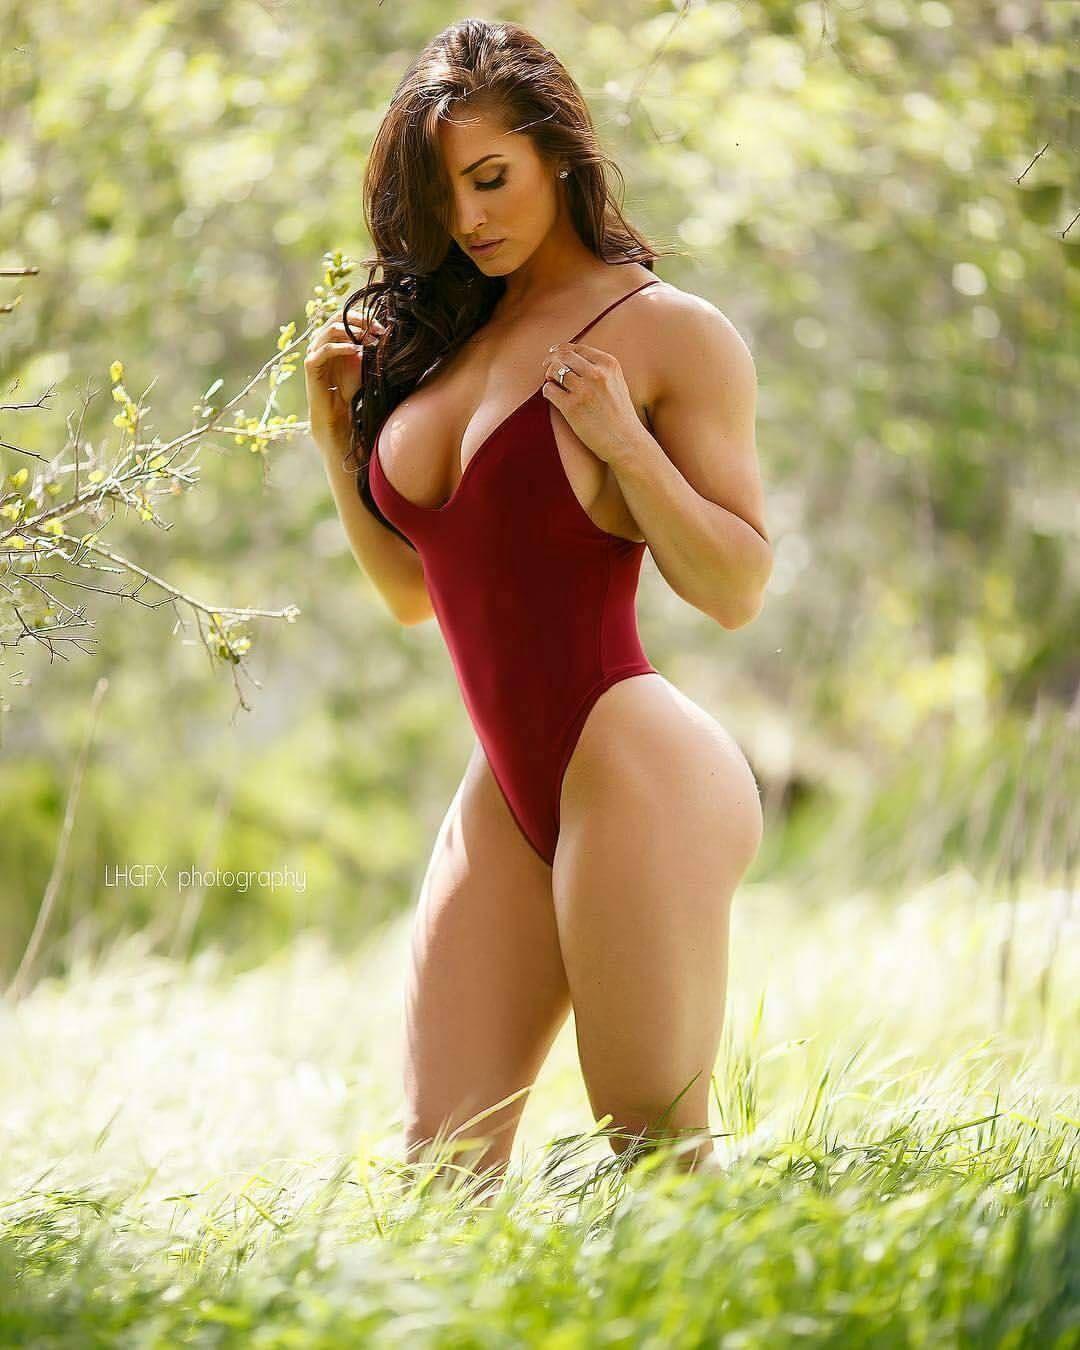 Finland beatiful girls nude